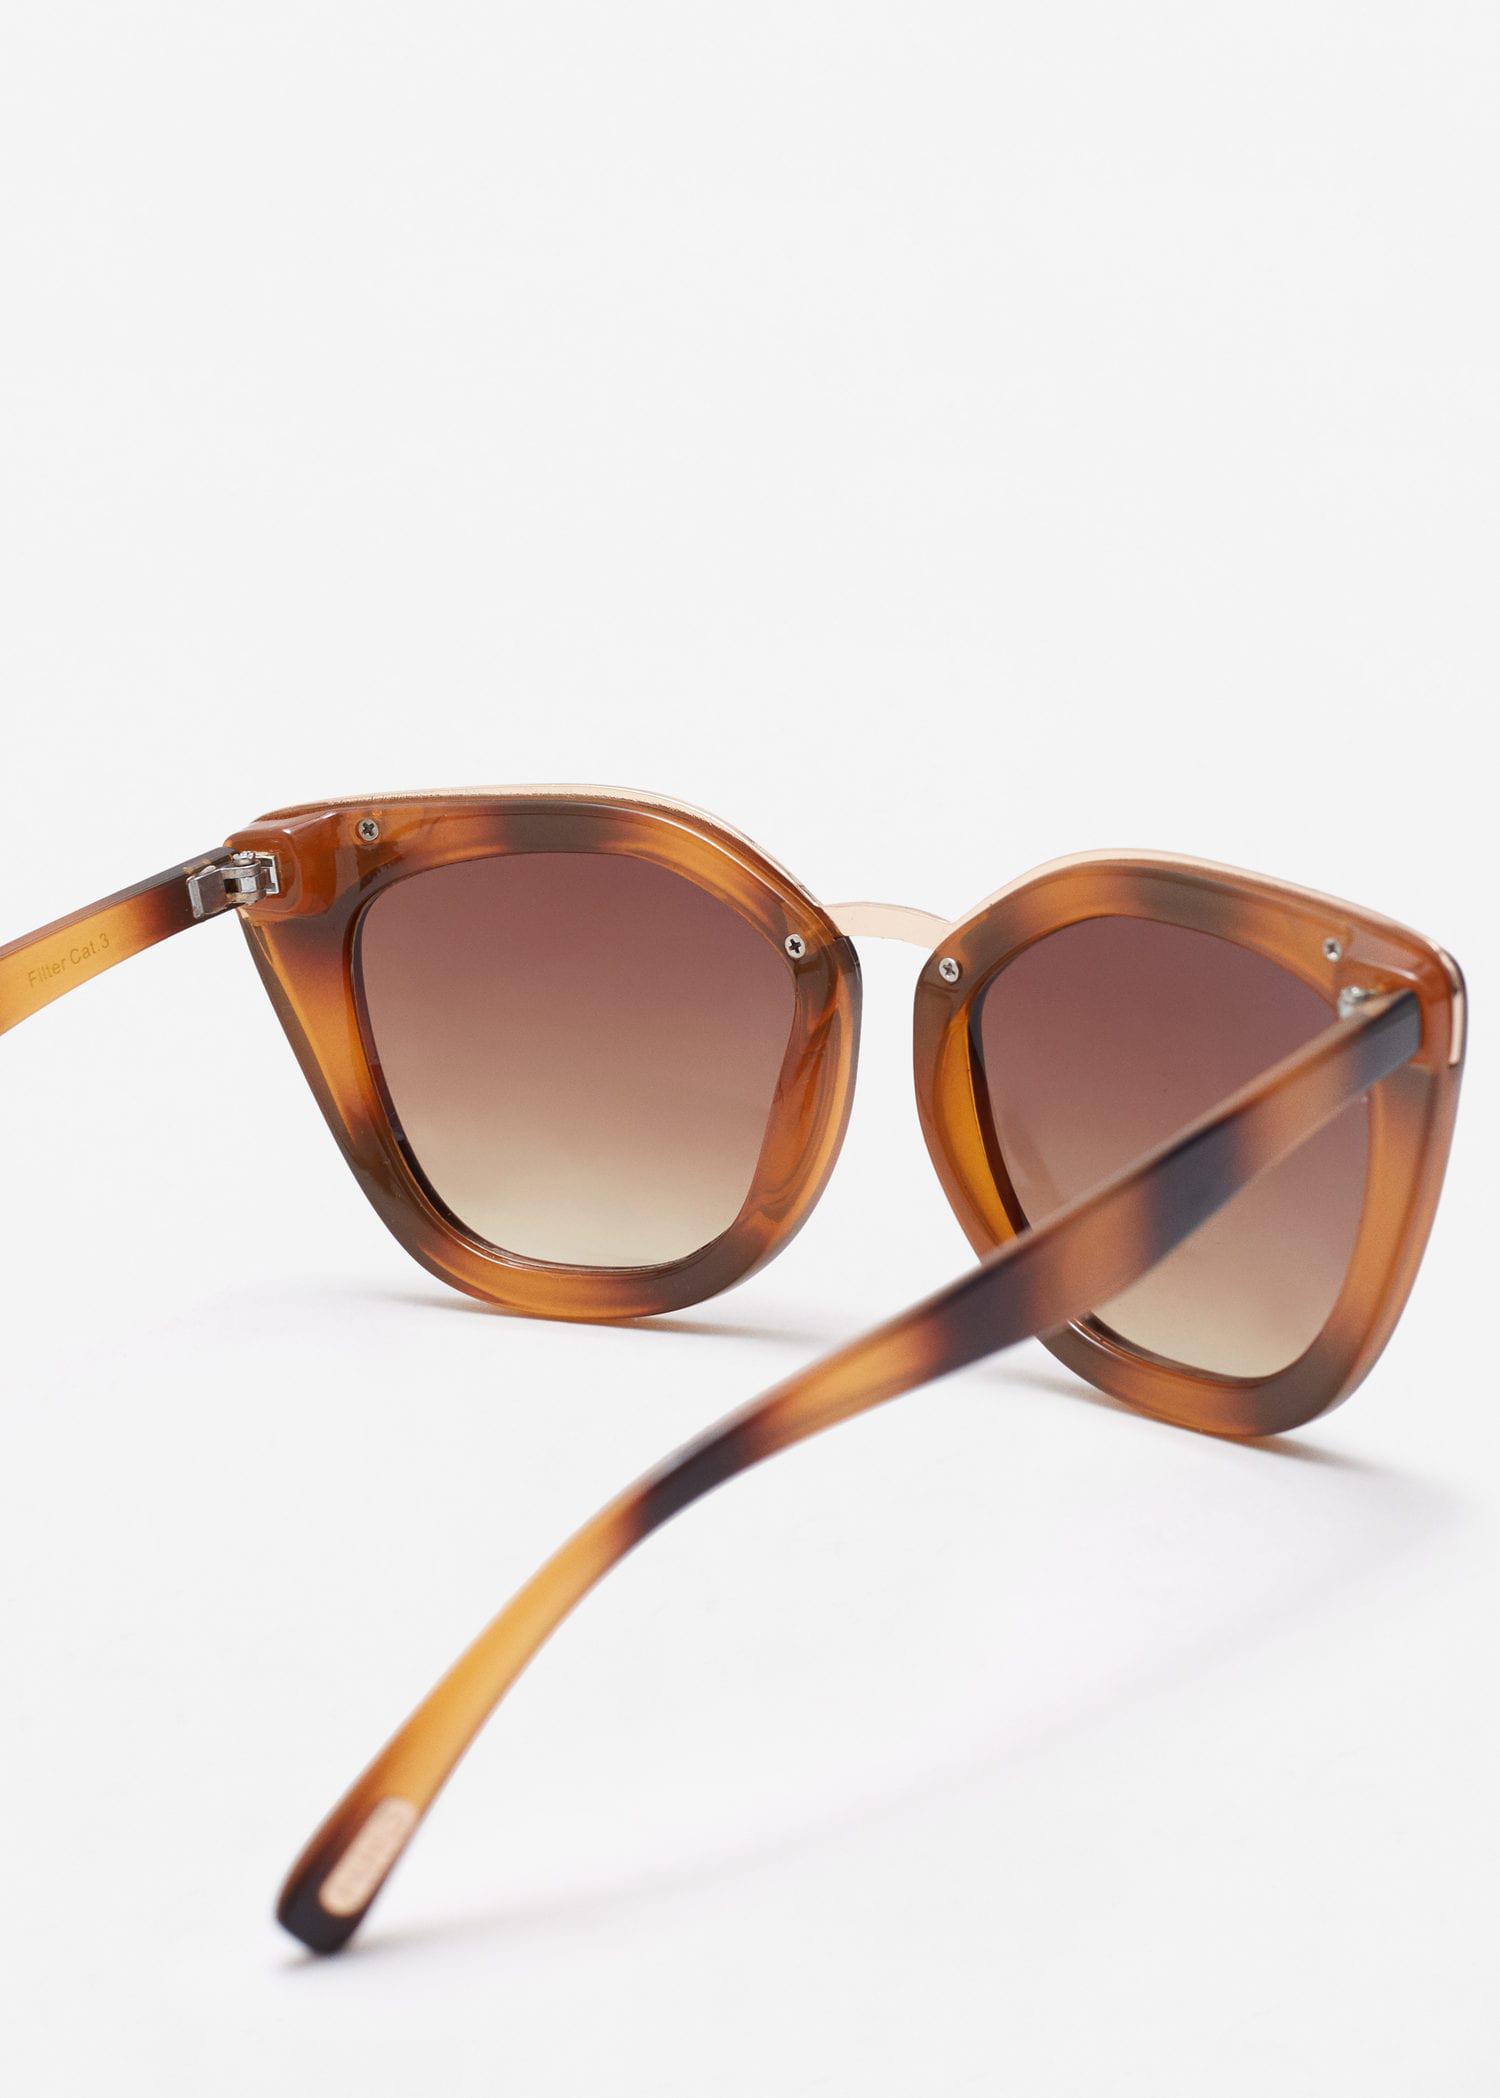 Mango Tortoiseshell Retro Sunglasses in Chocolate (Brown)